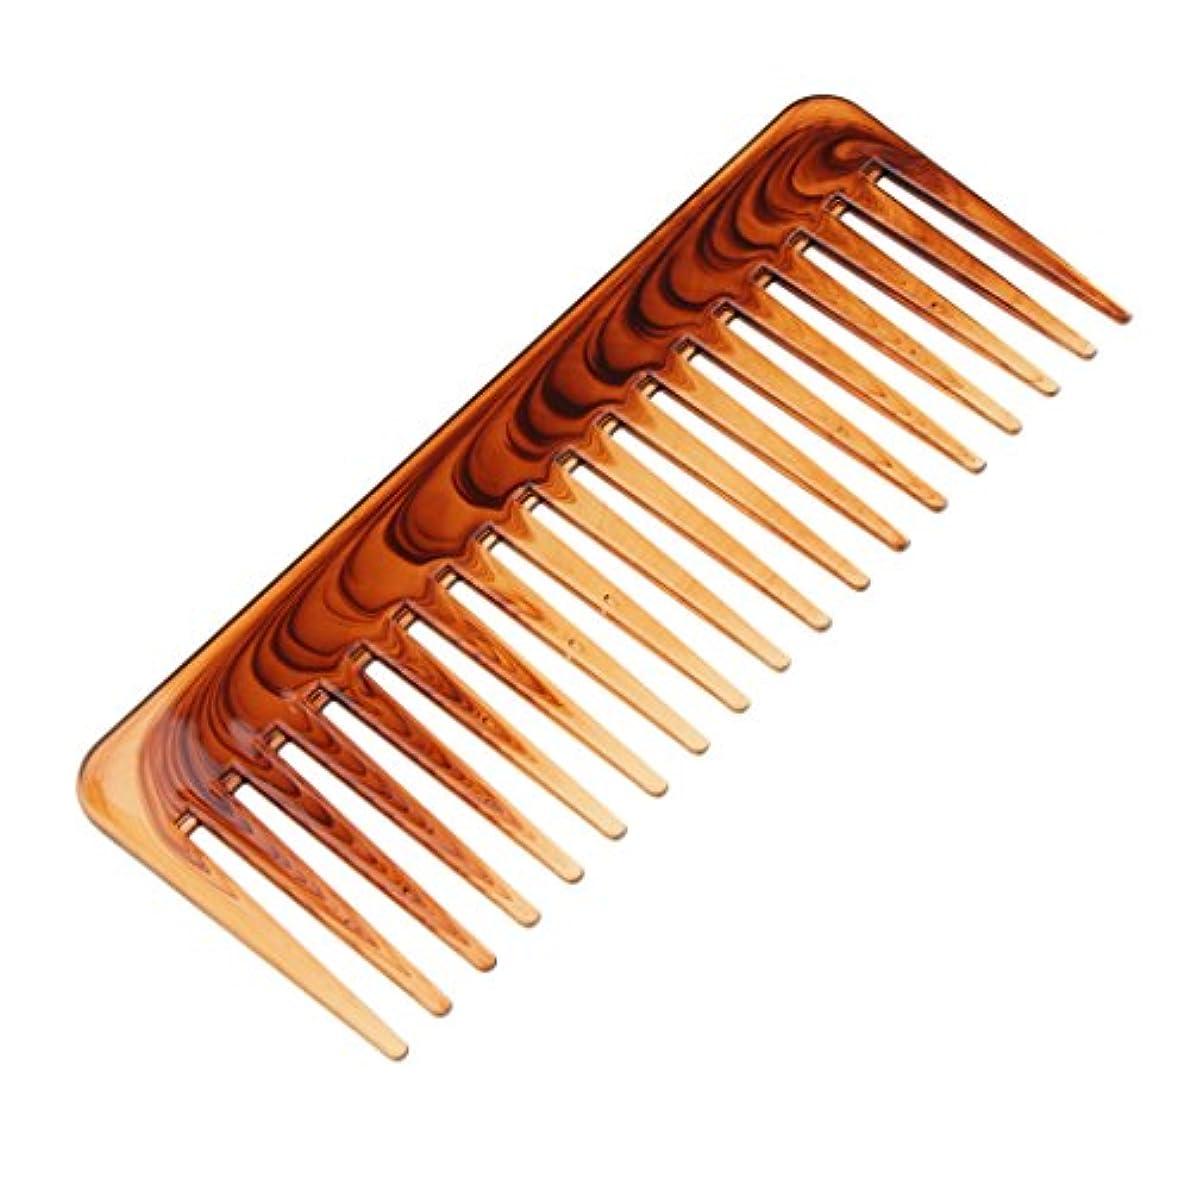 ダイバーかわいらしい住所絡み合った髪の櫛ヘアコンディショニングレーキの櫛幅のあるヘアブラシのツール